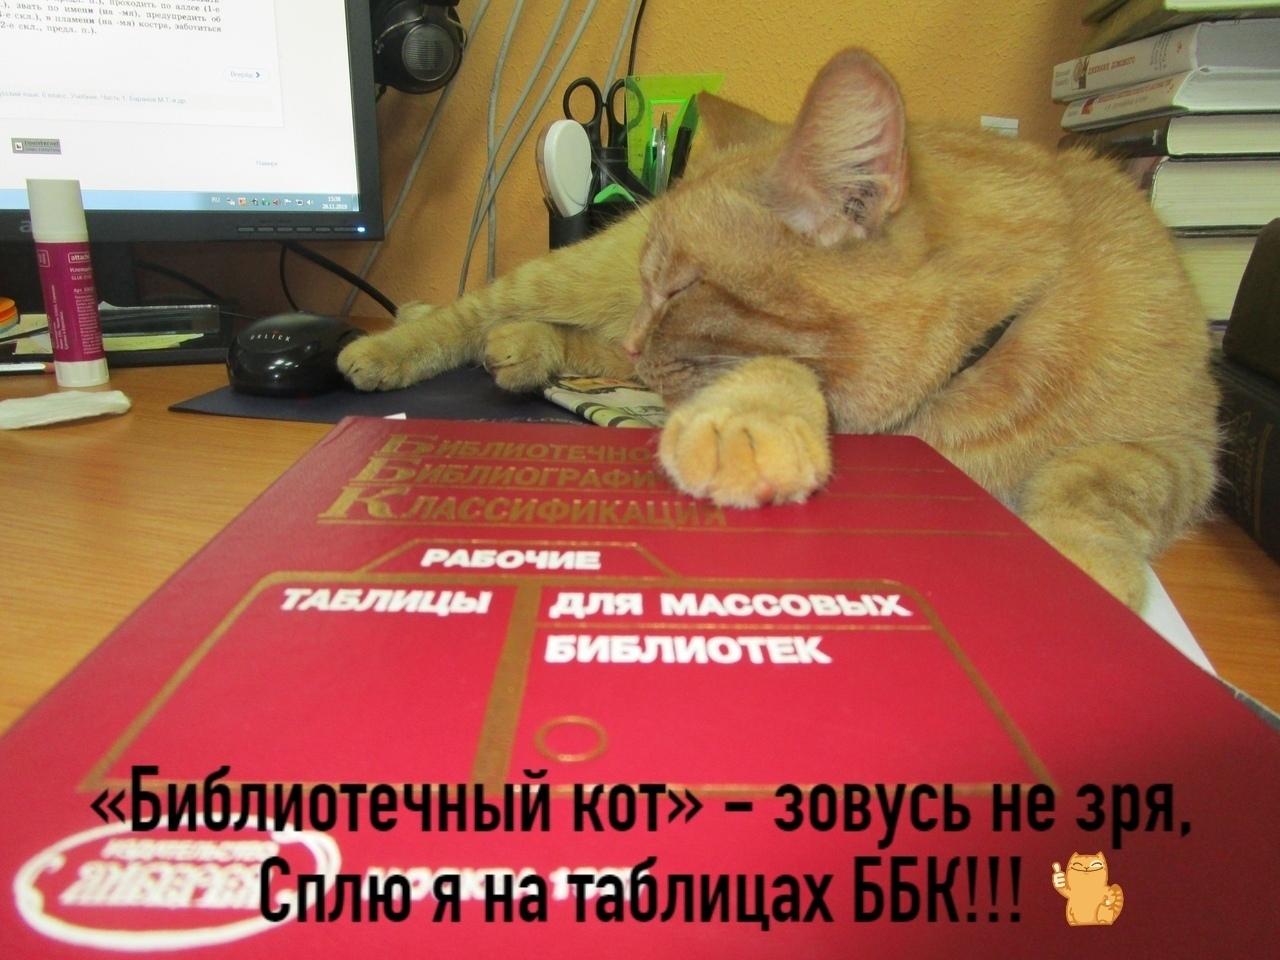 Работающий в библиотеке Тверской области кот Степан просит проголосовать за него